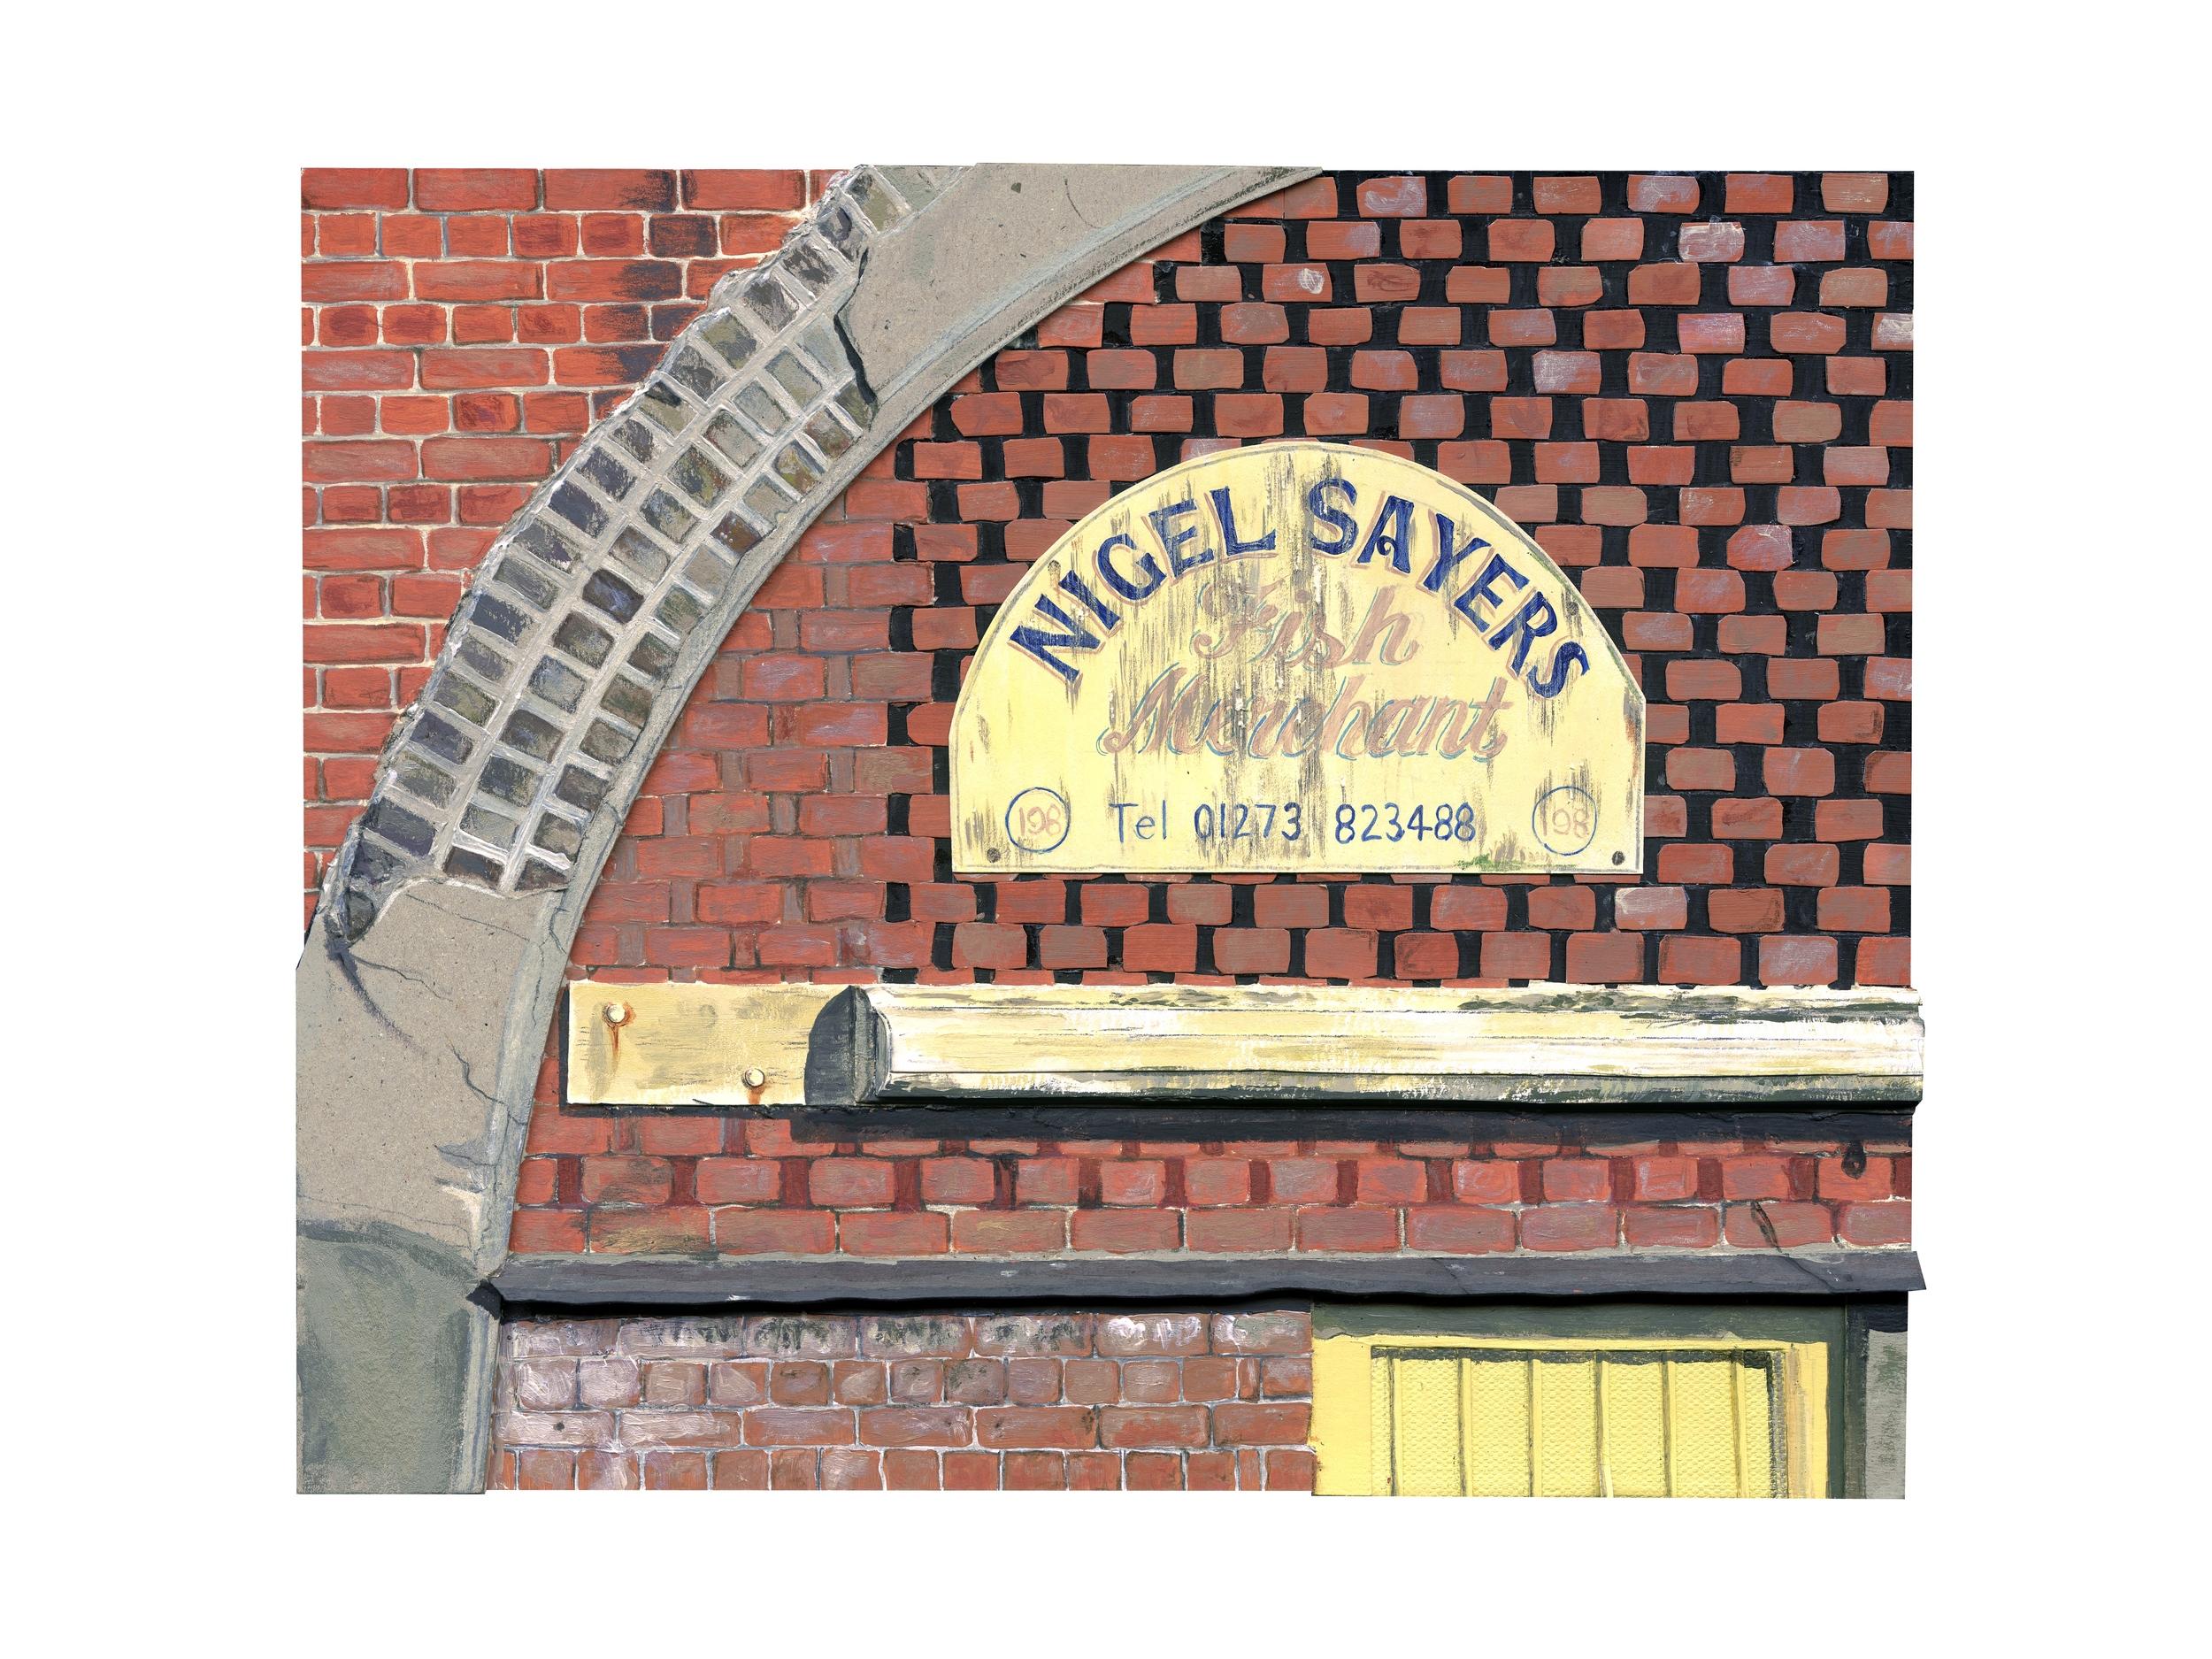 Nigel Sayer's